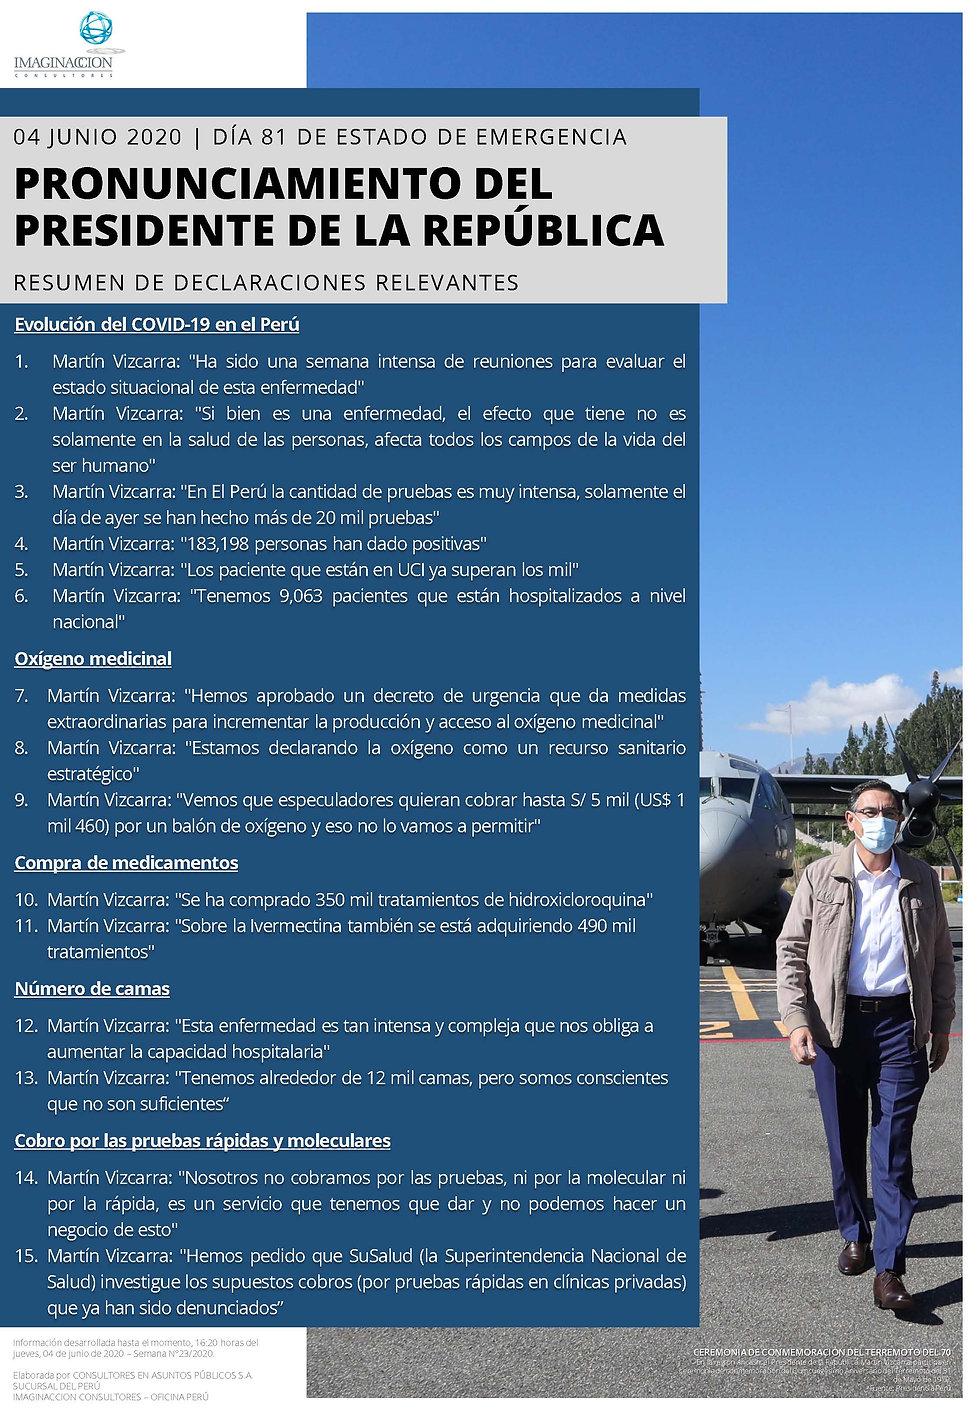 DÍA_81_-_PRONUNCIAMIENTO_DEL_PRESIDENTE